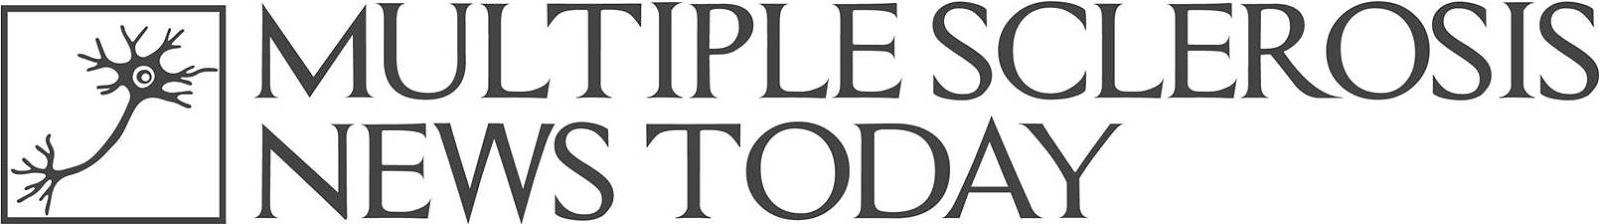 Multiple_Sclerosis_News_Today_logo.jpg